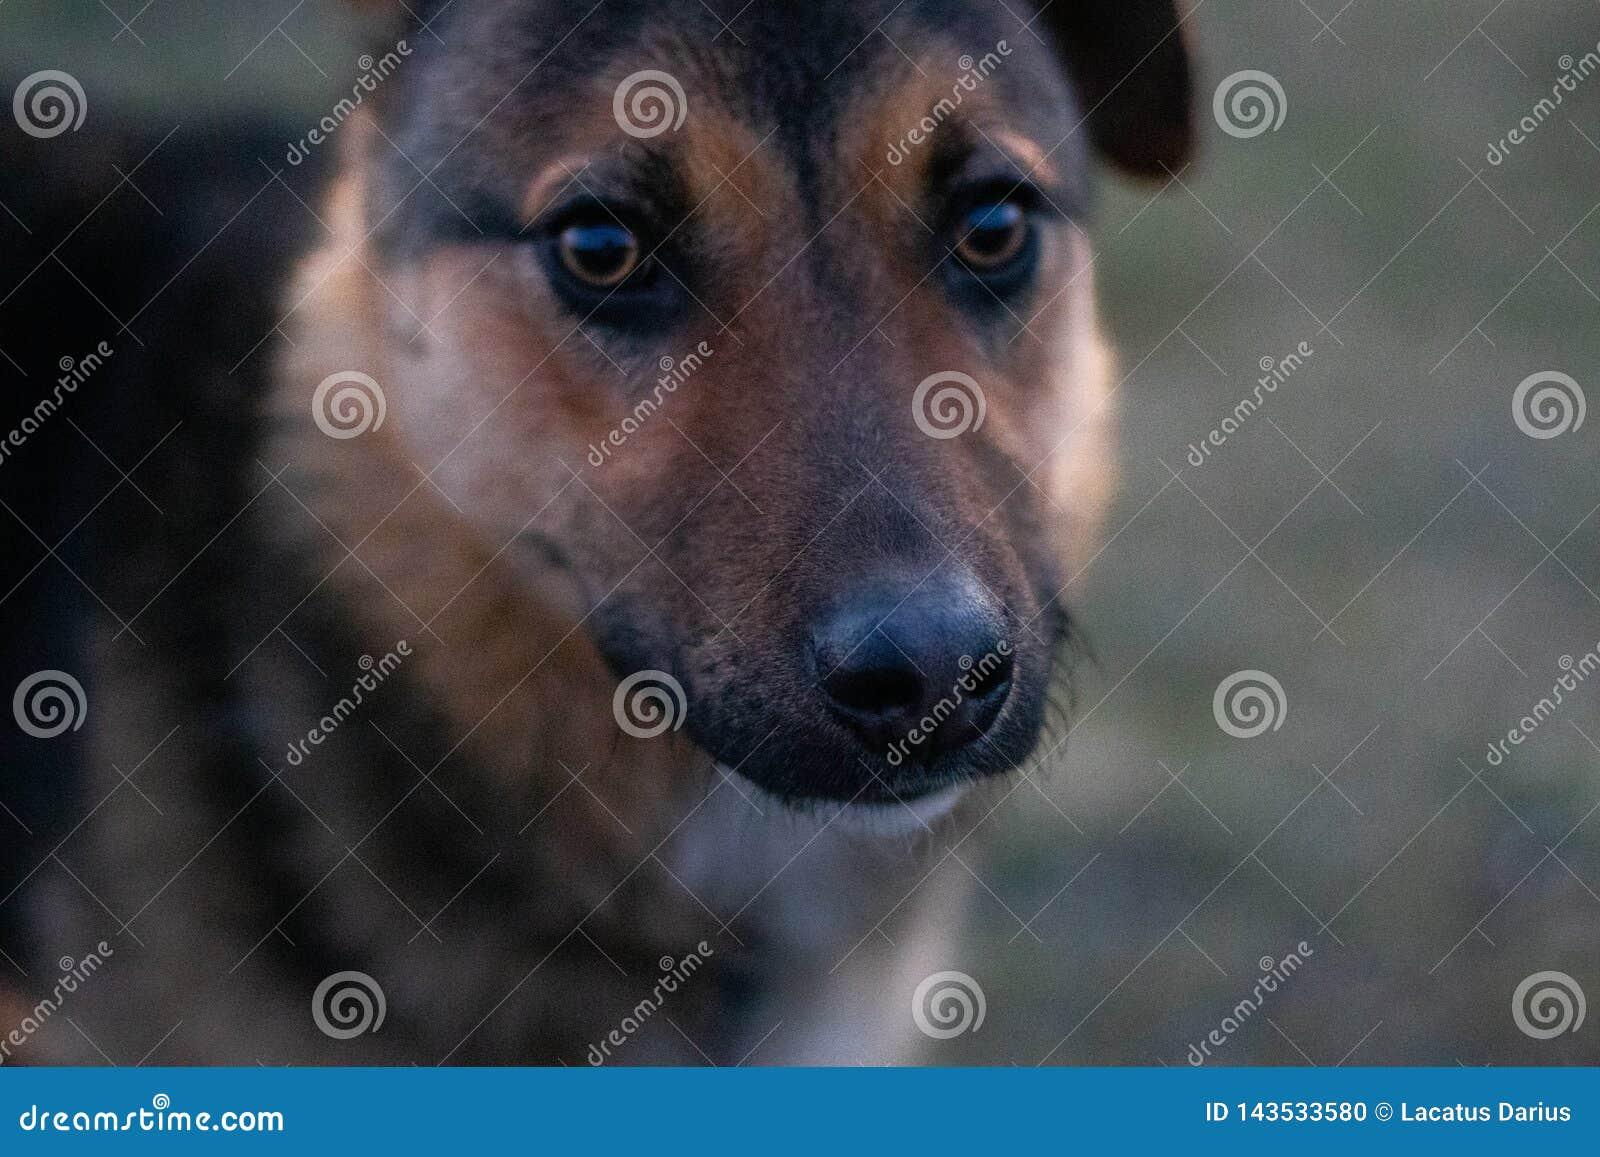 Los ojos del perro son apenas como ojos humanos